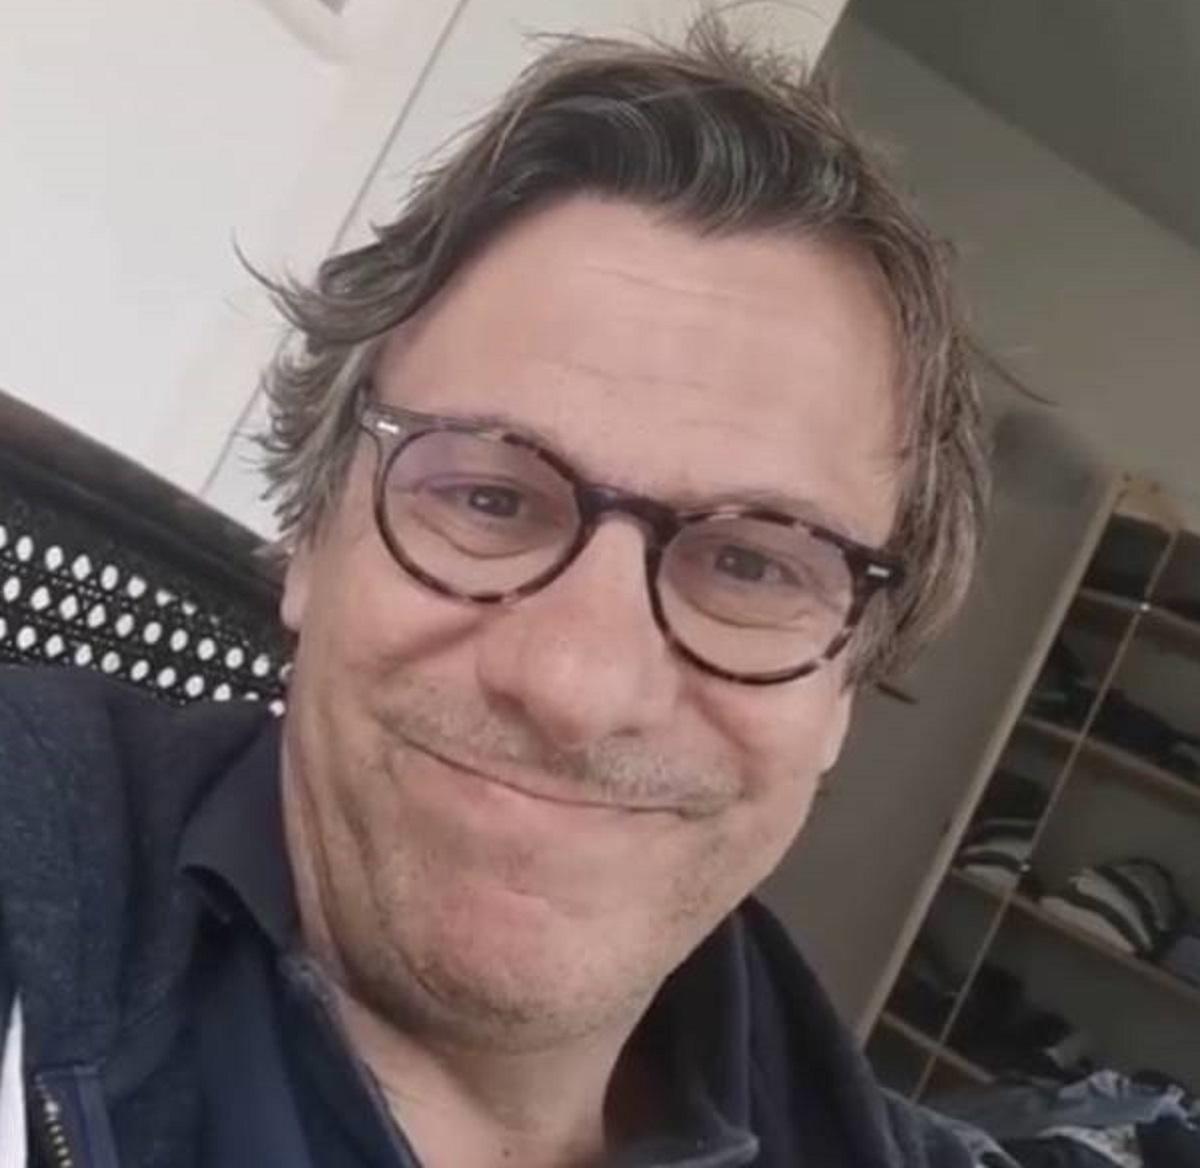 Nicola Porro notizia direttore Giornale smentita